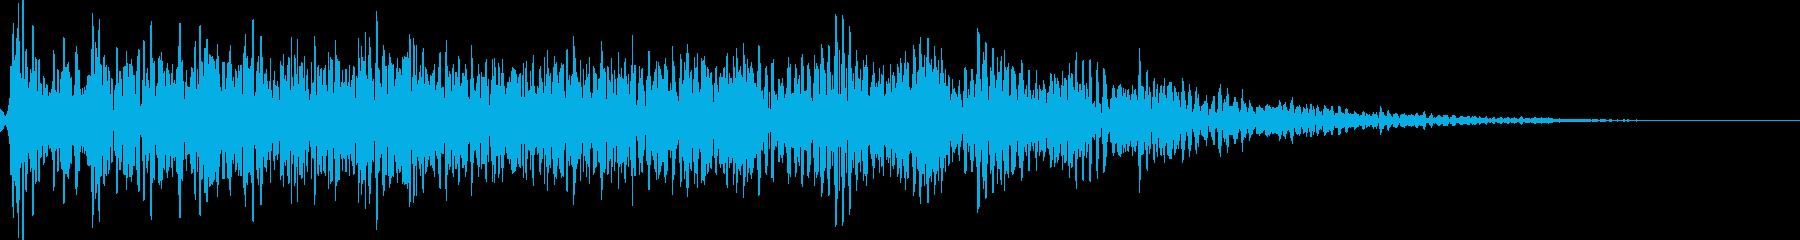 怖いジングル ホラータイトル表示音等にもの再生済みの波形